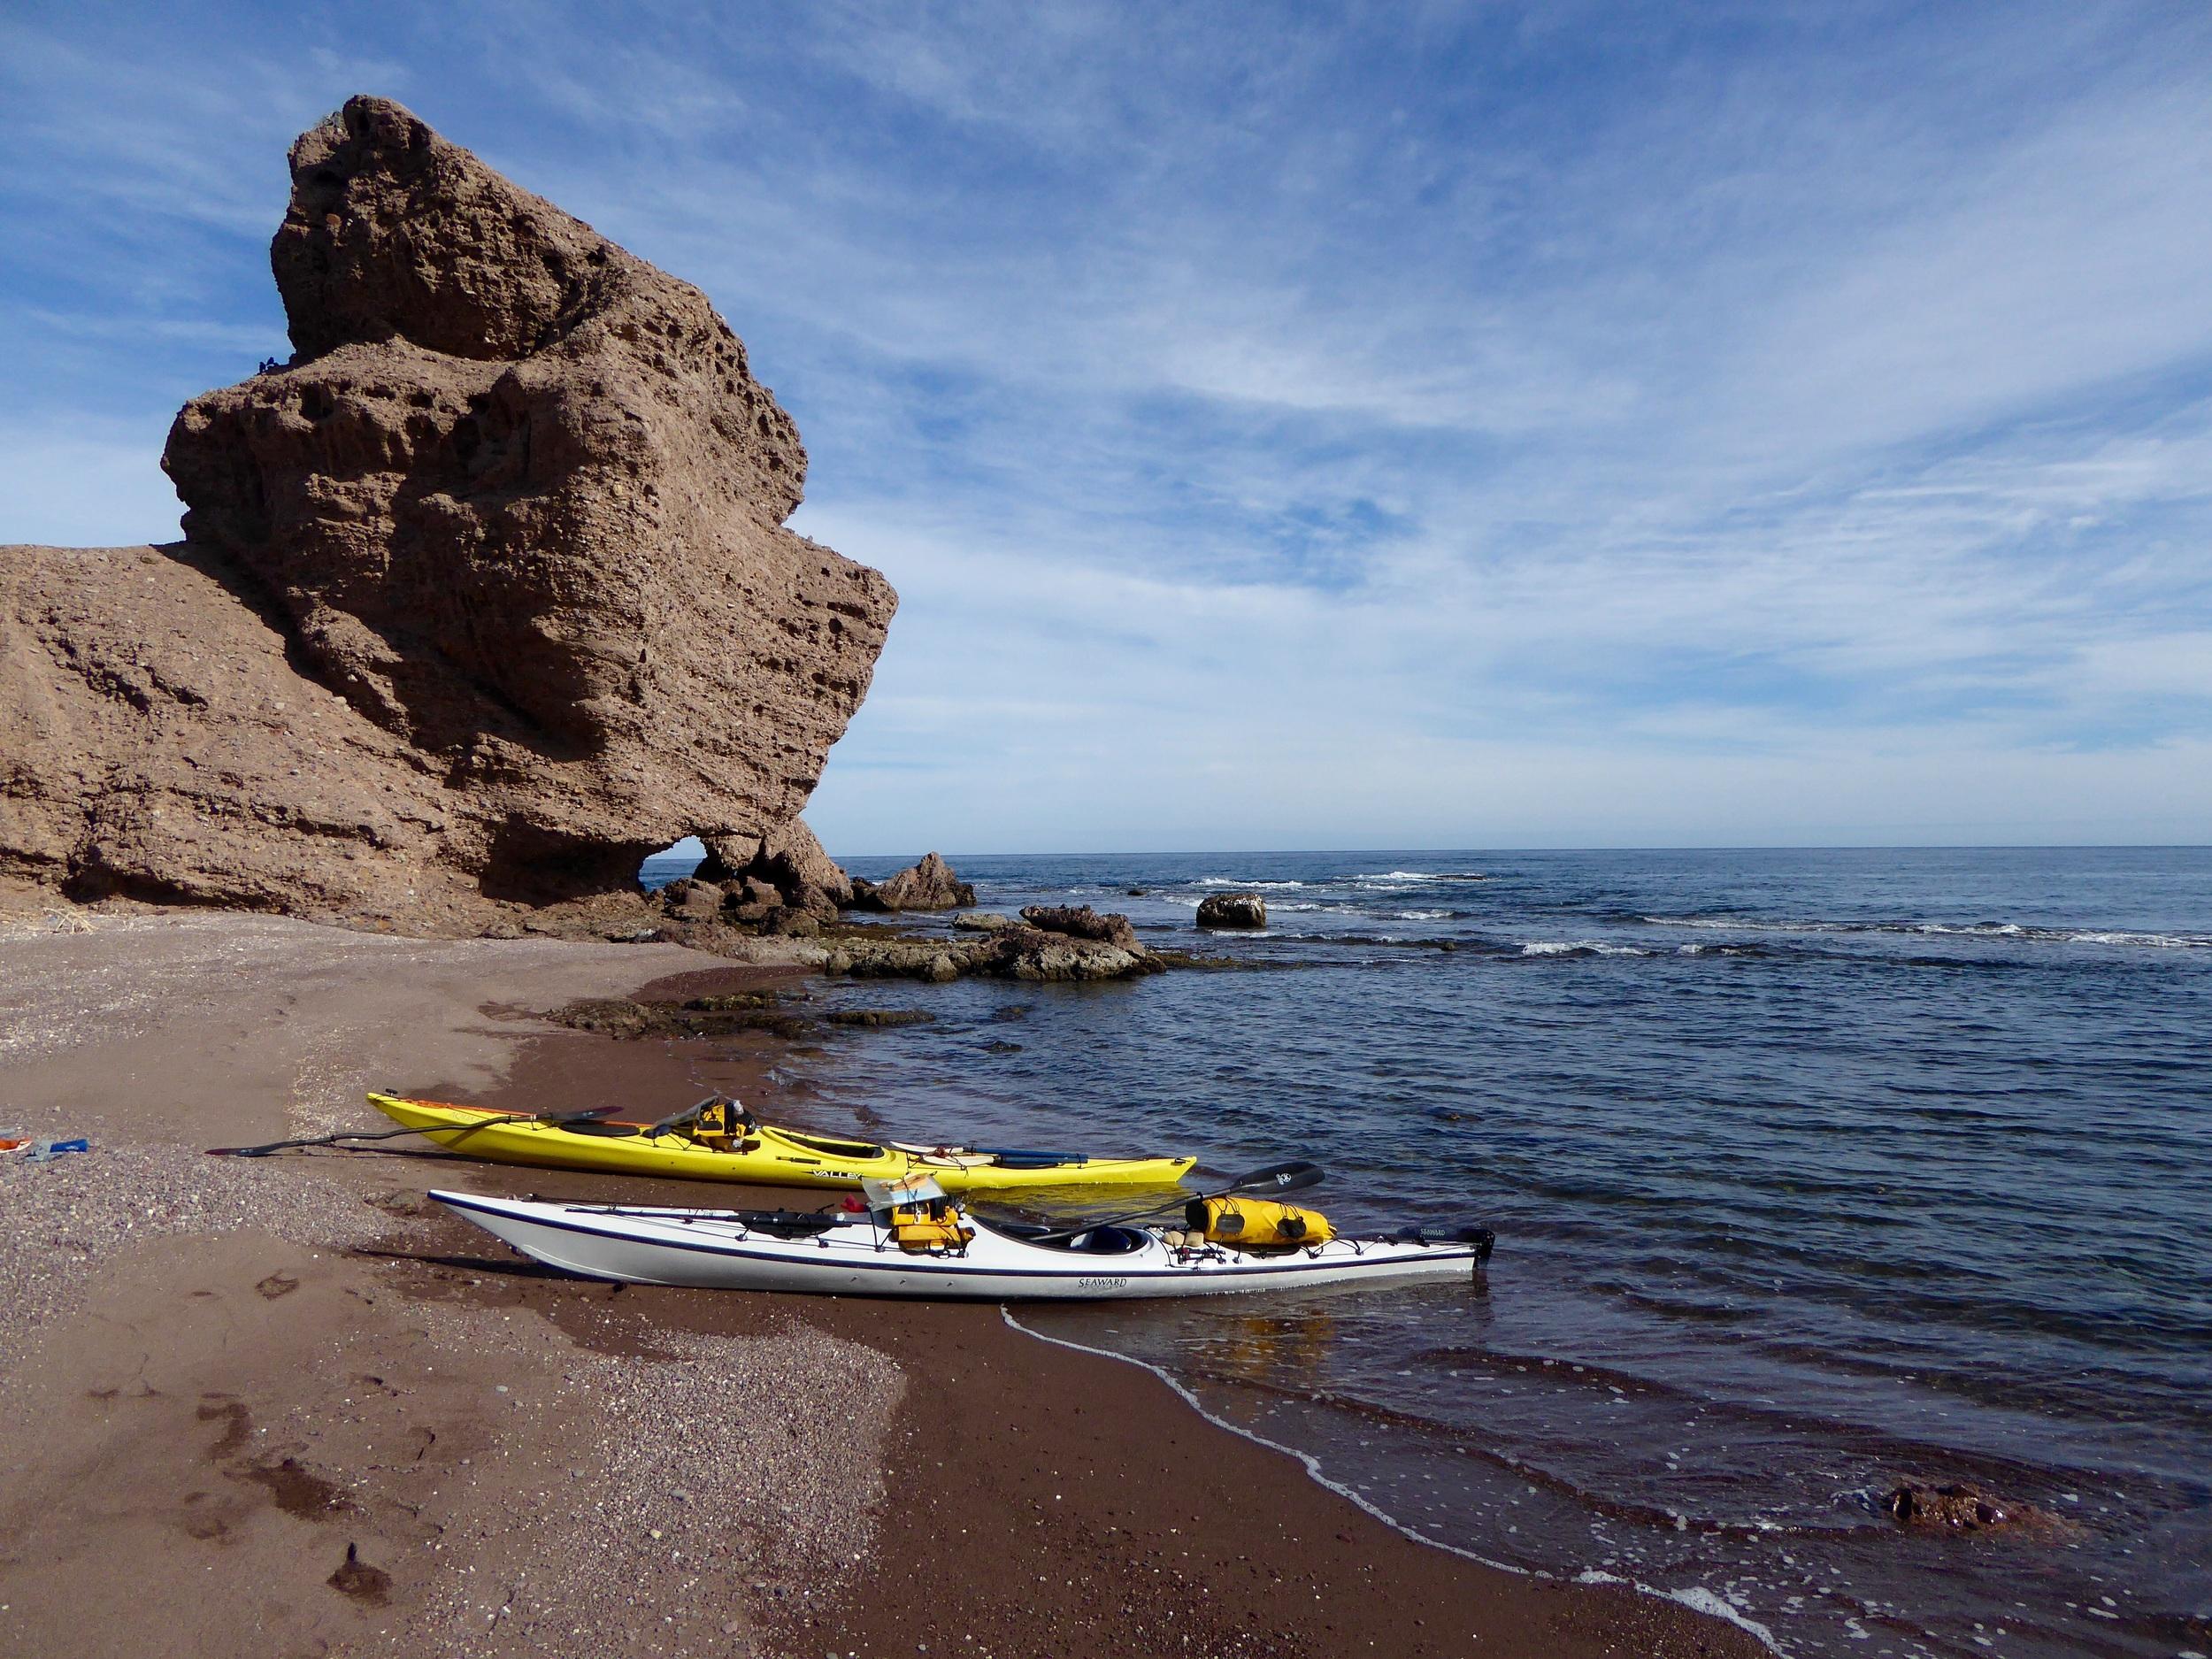 Taking a shore break